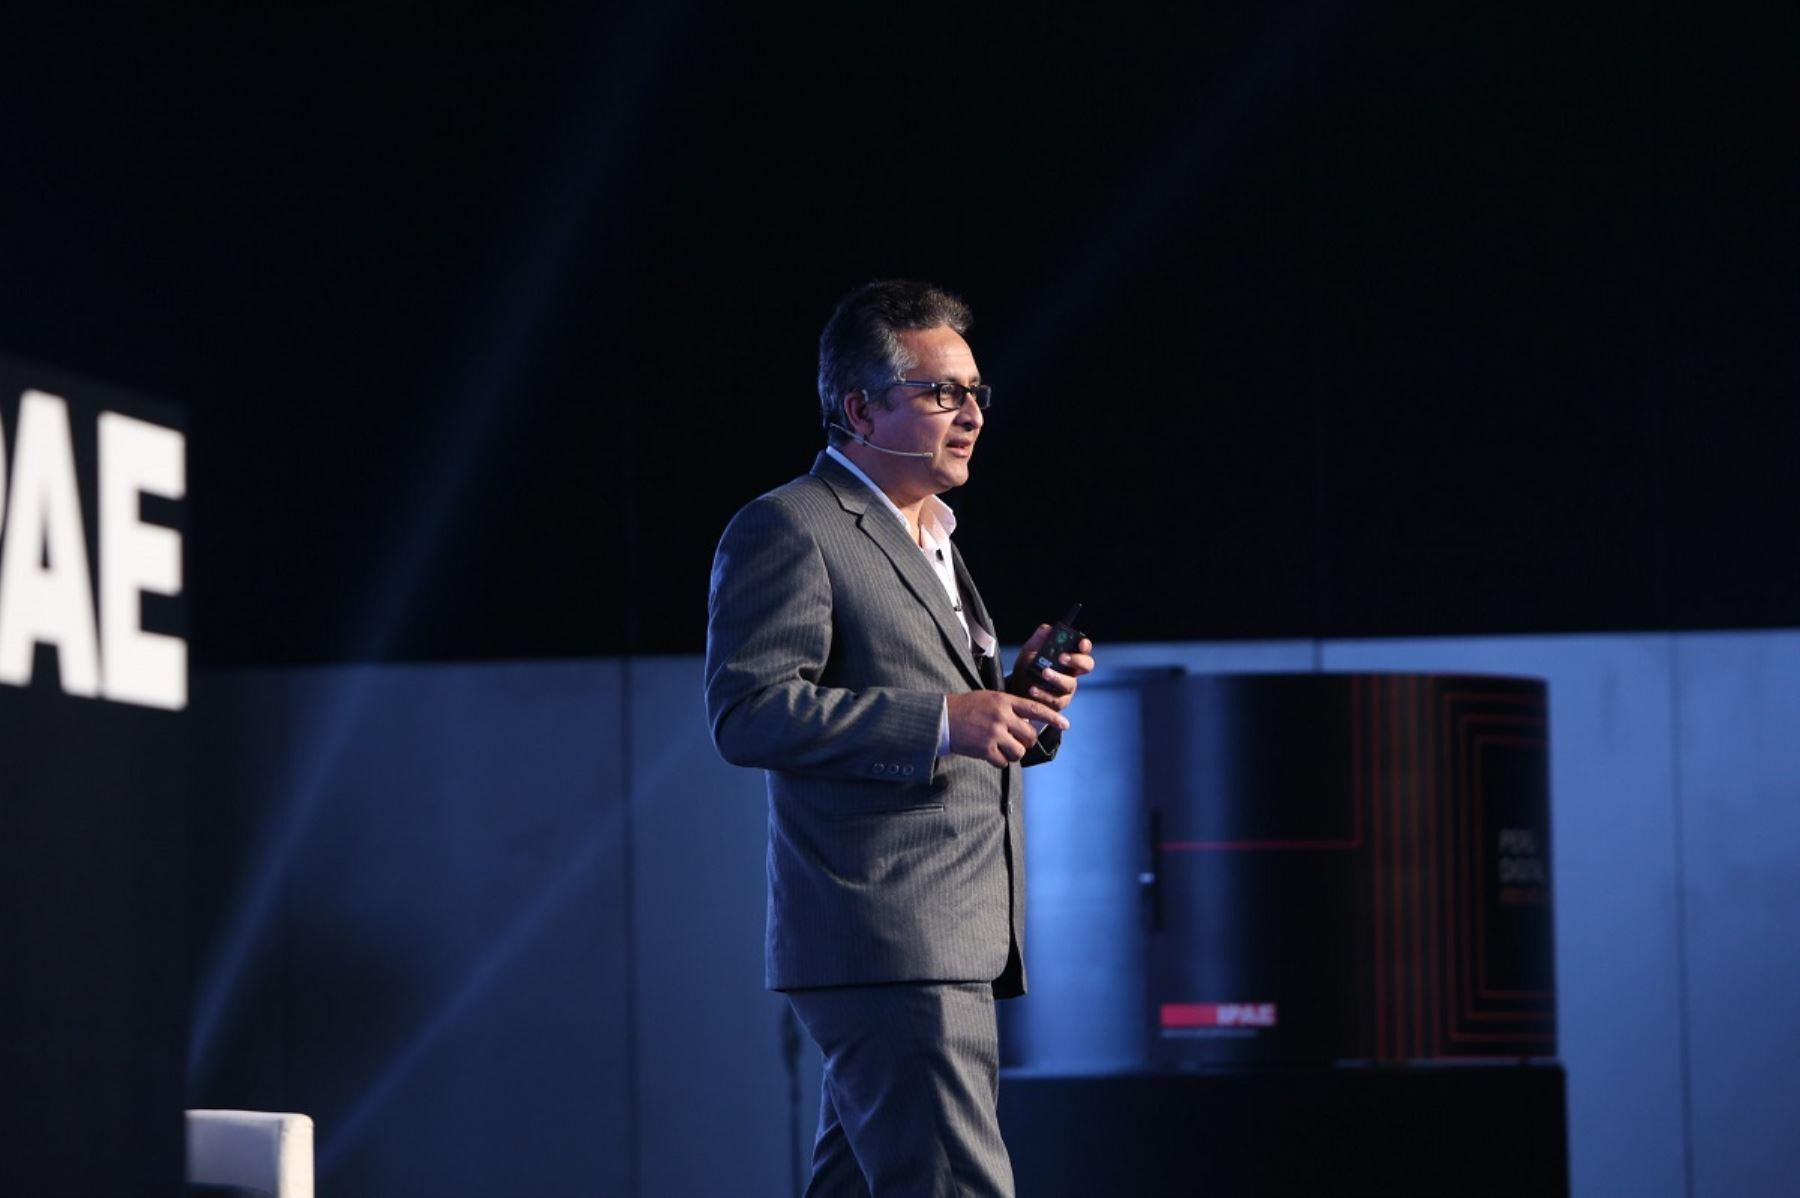 Director de la carrera de Ciencia de la Computación de UTEC, Ernesto Cuadros. Foto: cortesía.